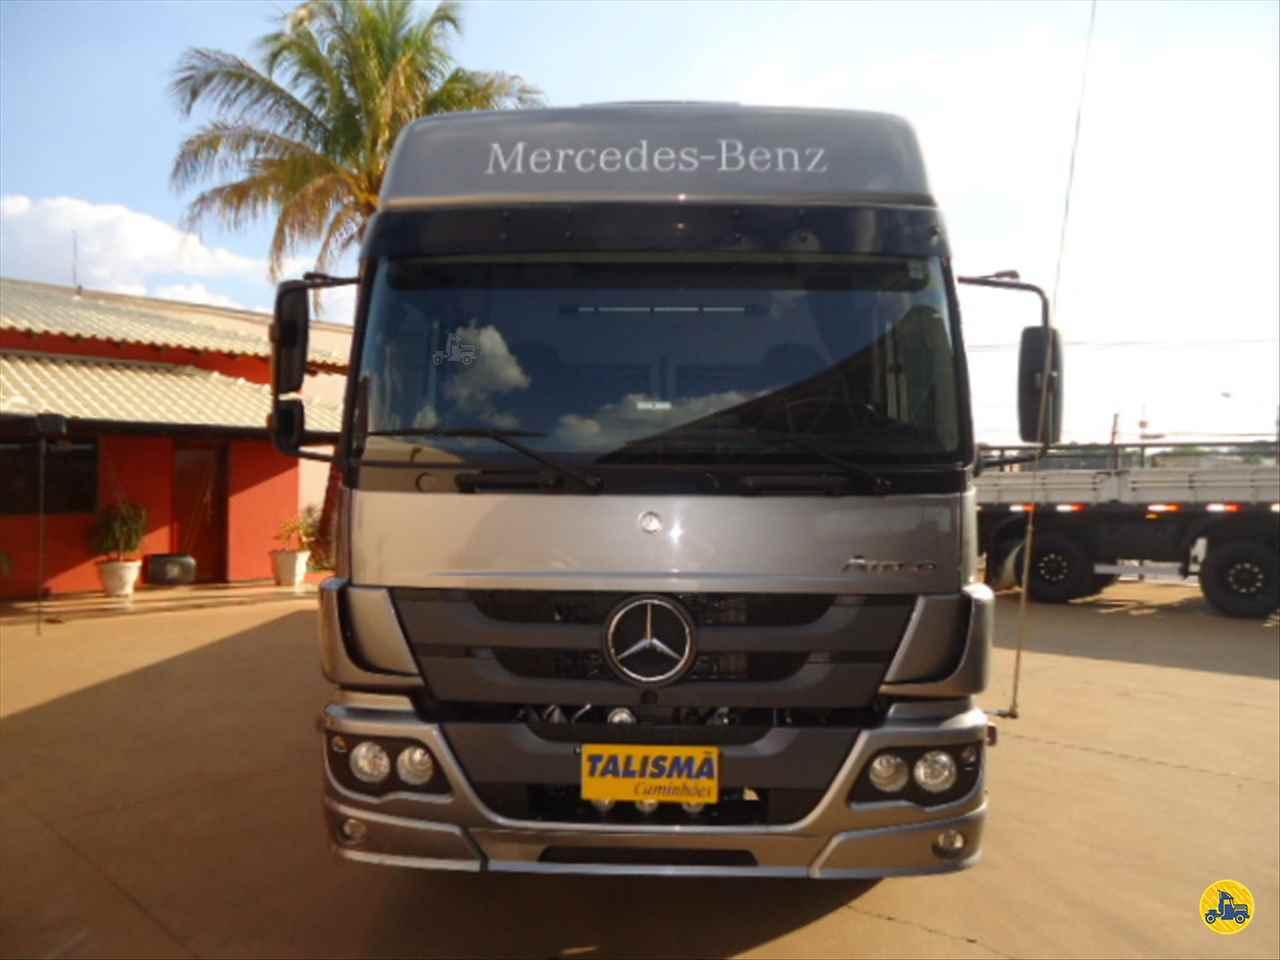 CAMINHAO MERCEDES-BENZ MB 2430 Carga Seca Truck 6x2 Talismã Veículos VARGEM GRANDE DO SUL SÃO PAULO SP